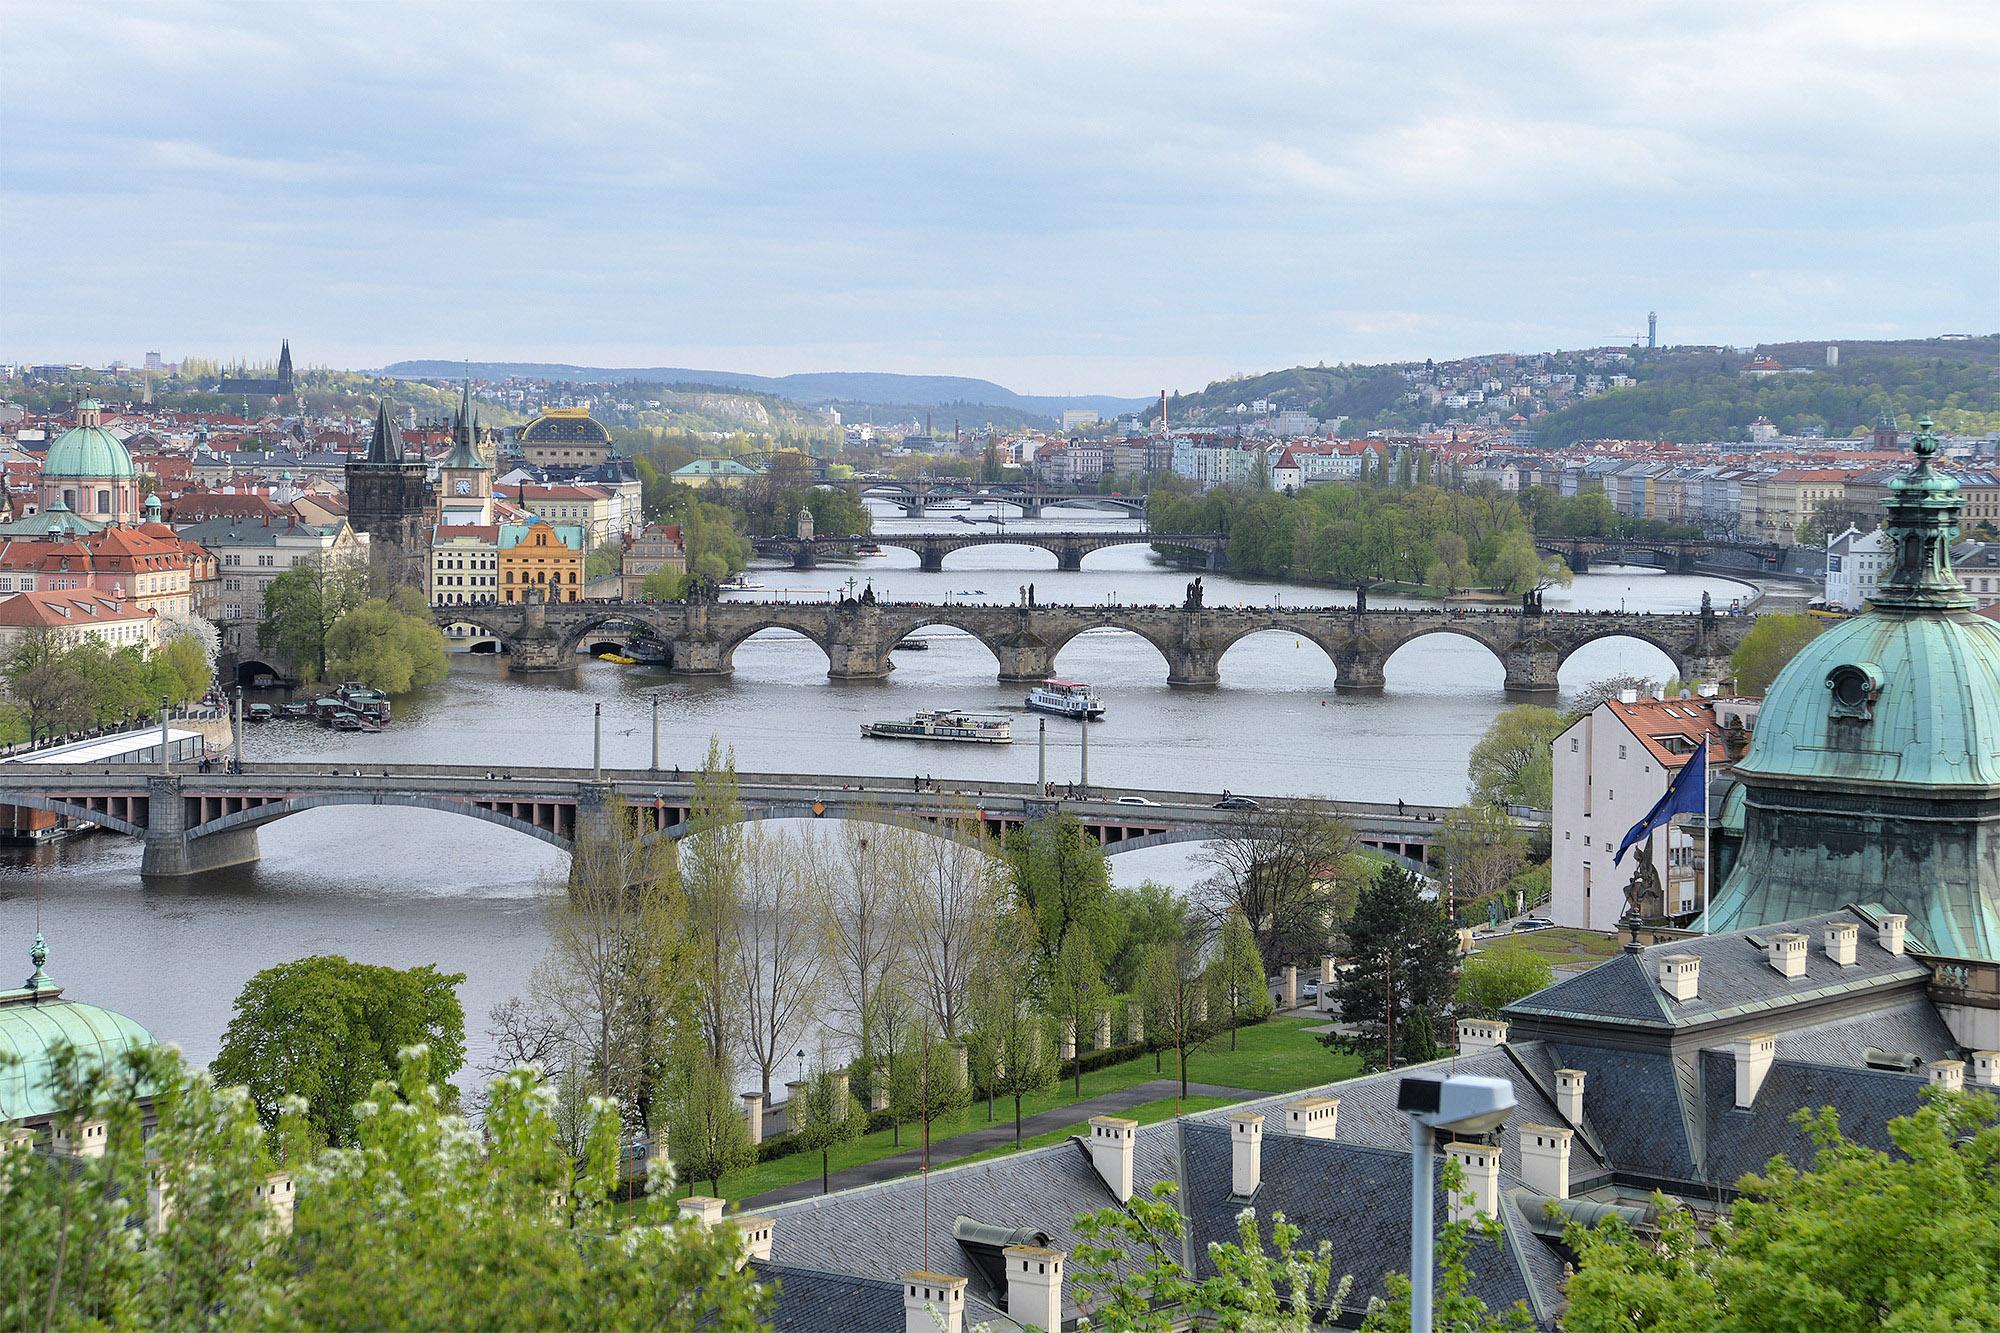 Смотровая площадка у Ганавского павильона, Прага, Чехия